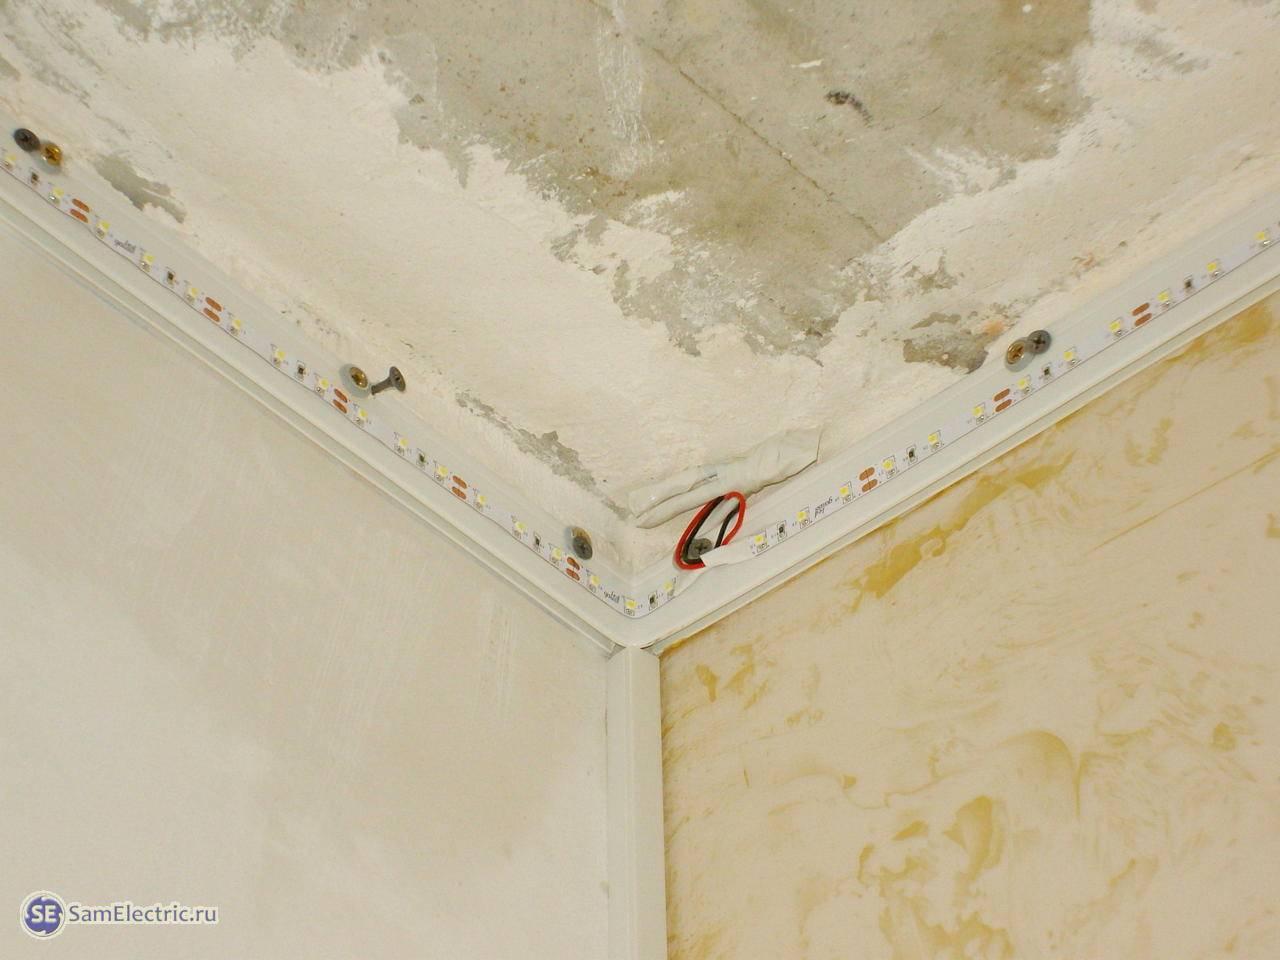 Потолок с подсветкой по периметру